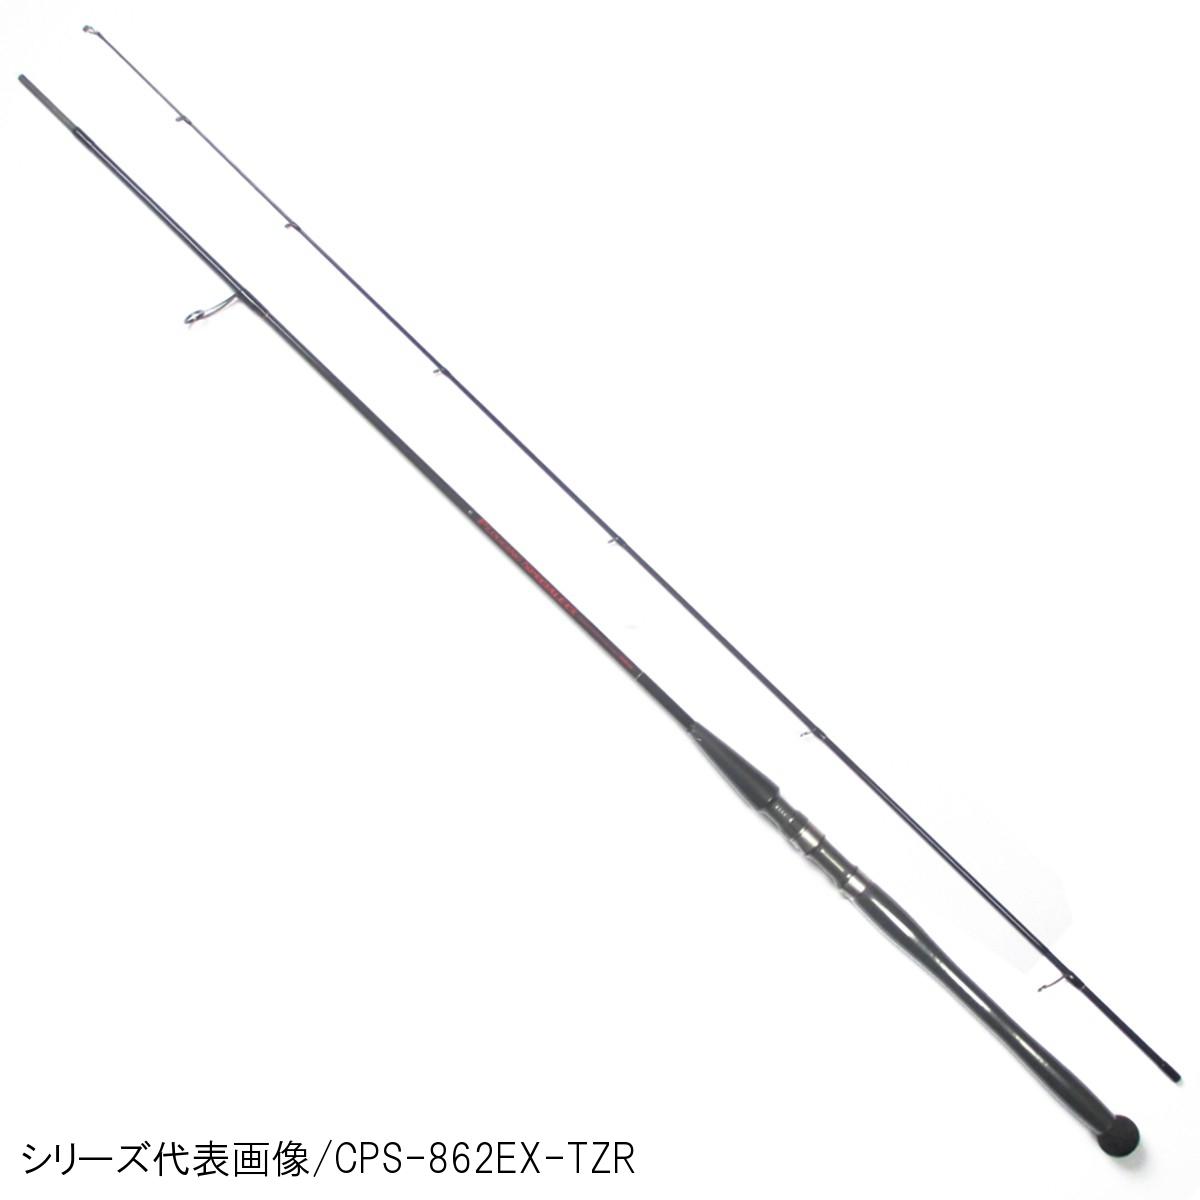 プラッキング・スペチアーレ CPS-102EX-TZR【大型商品】